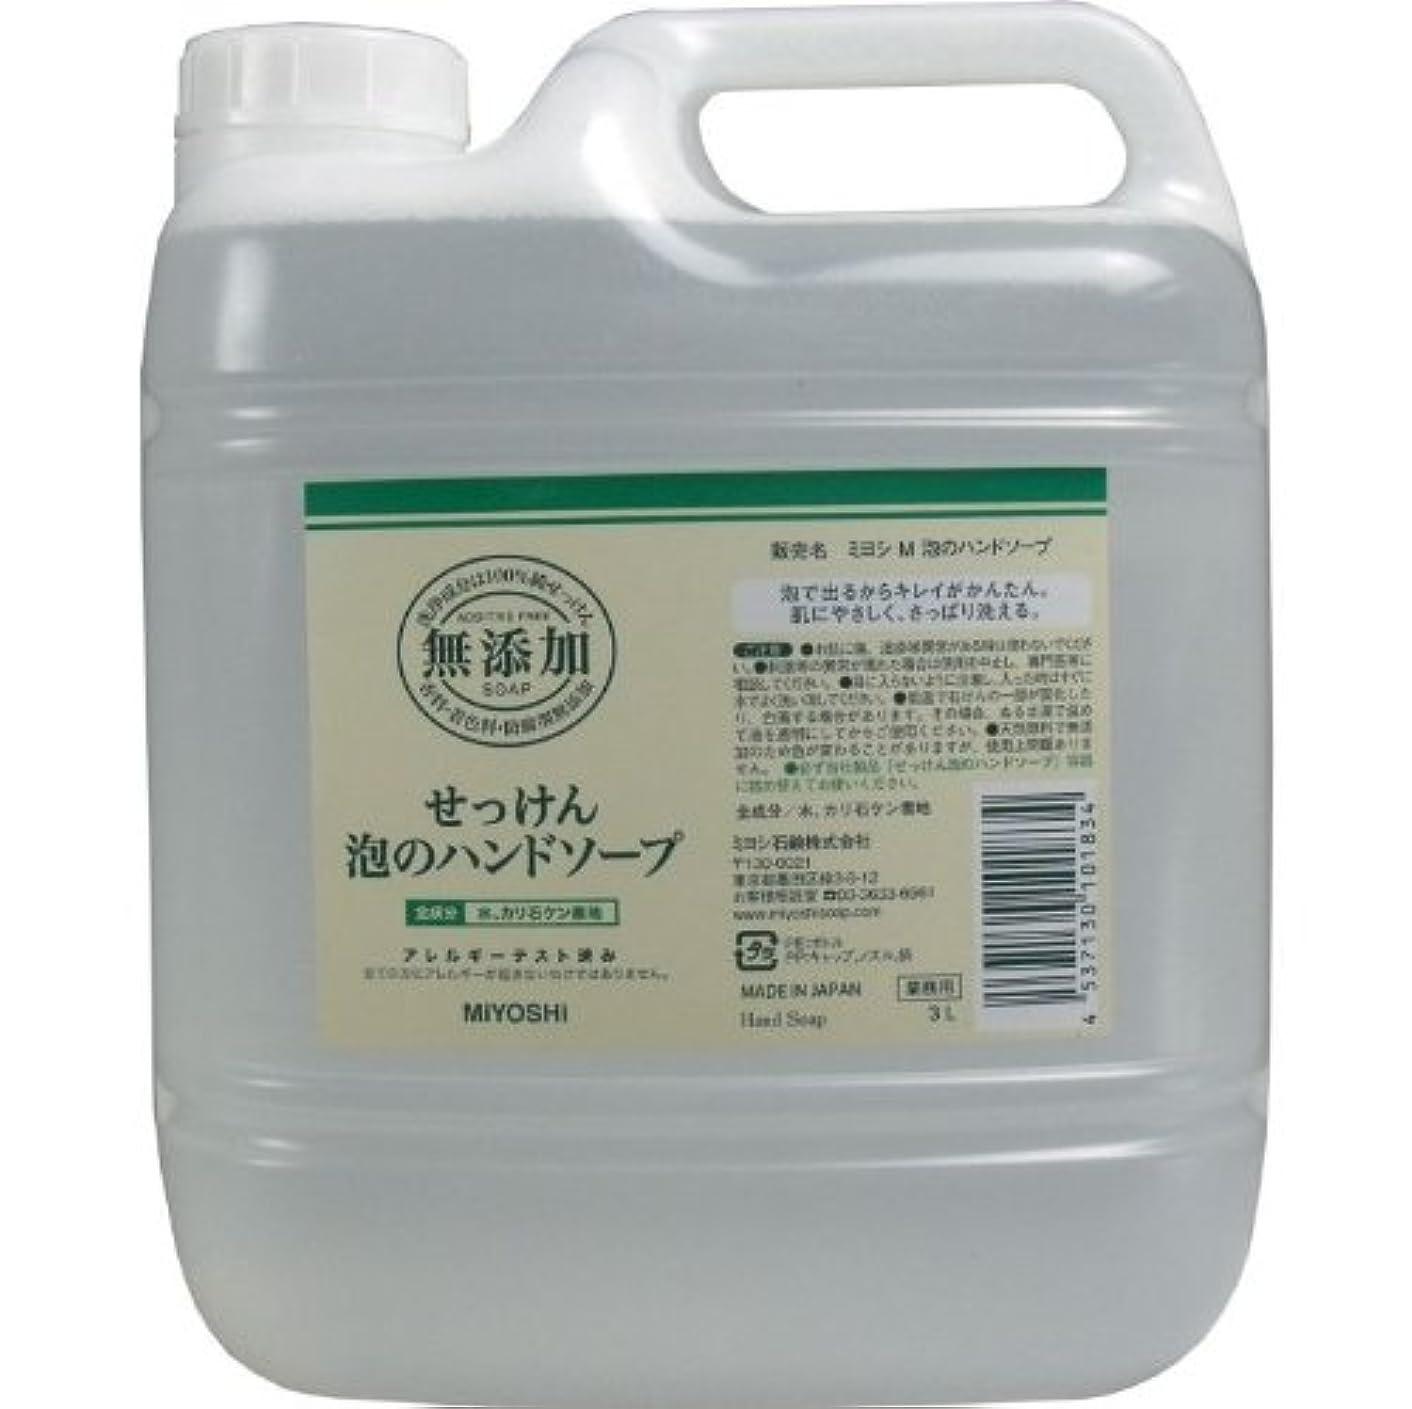 一杯シロクマアラビア語泡で出るからキレイが簡単!家事の間のサッと洗いも簡単!香料、着色料、防腐剤無添加!(業務用)3L